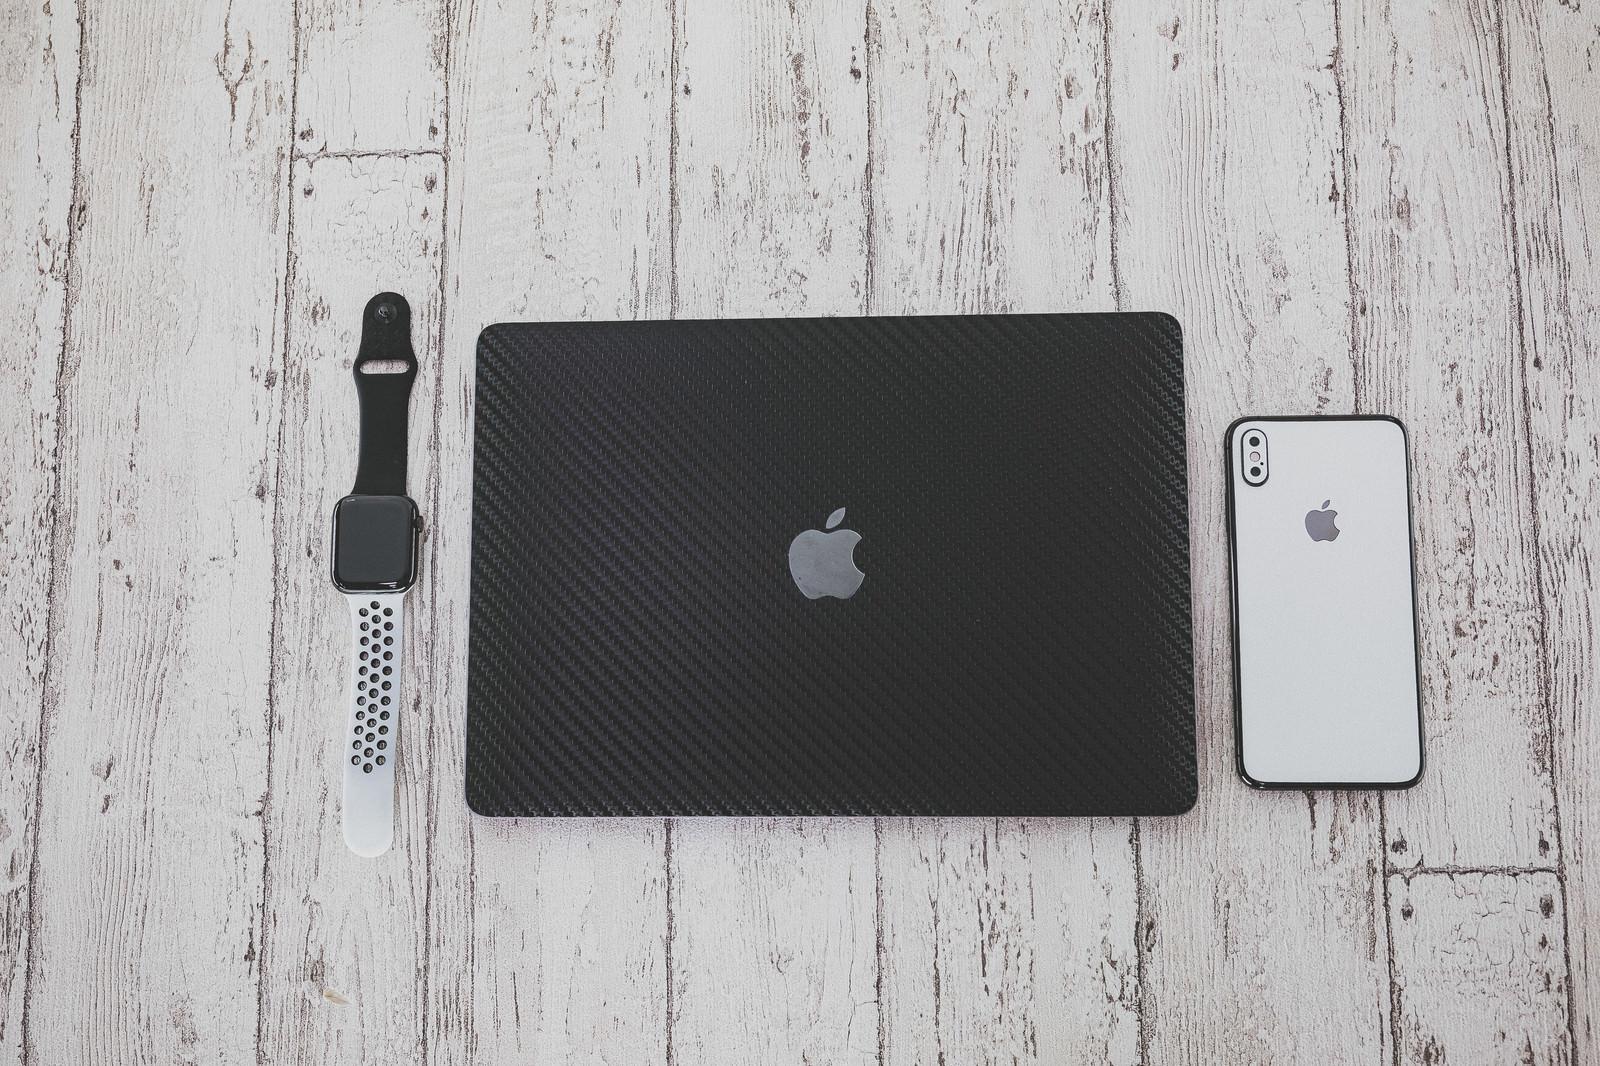 「マックブックとiPhone」の写真